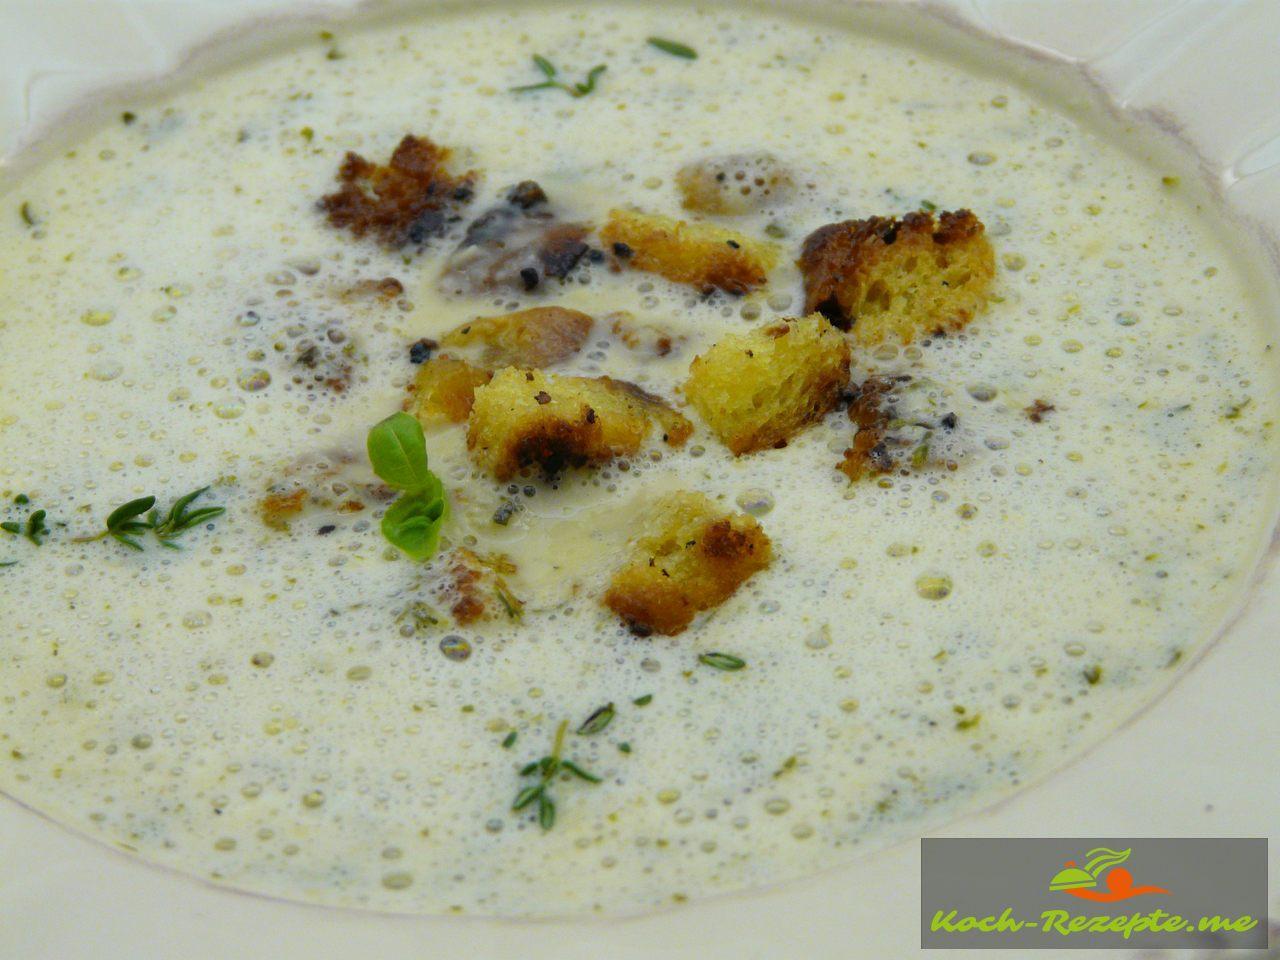 Knoblauch-Suppe aufgemixt servieren